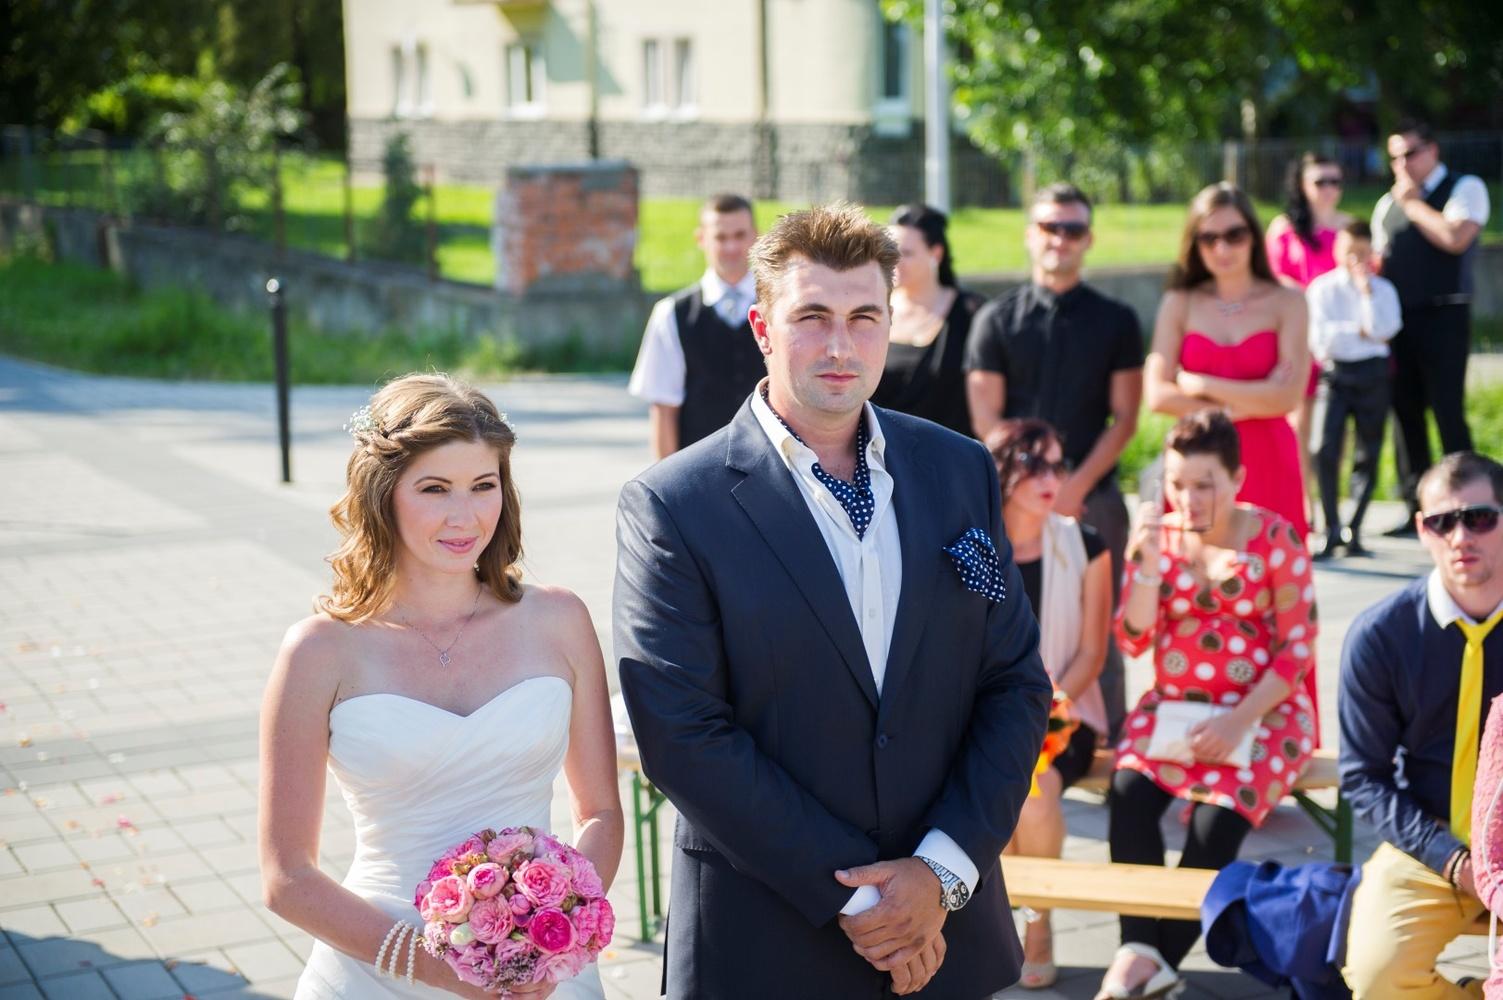 http://www.fotoz.sk/images/gallery-9/normal/eskuvoi-fotos_svadobny-fotograf_014.jpg